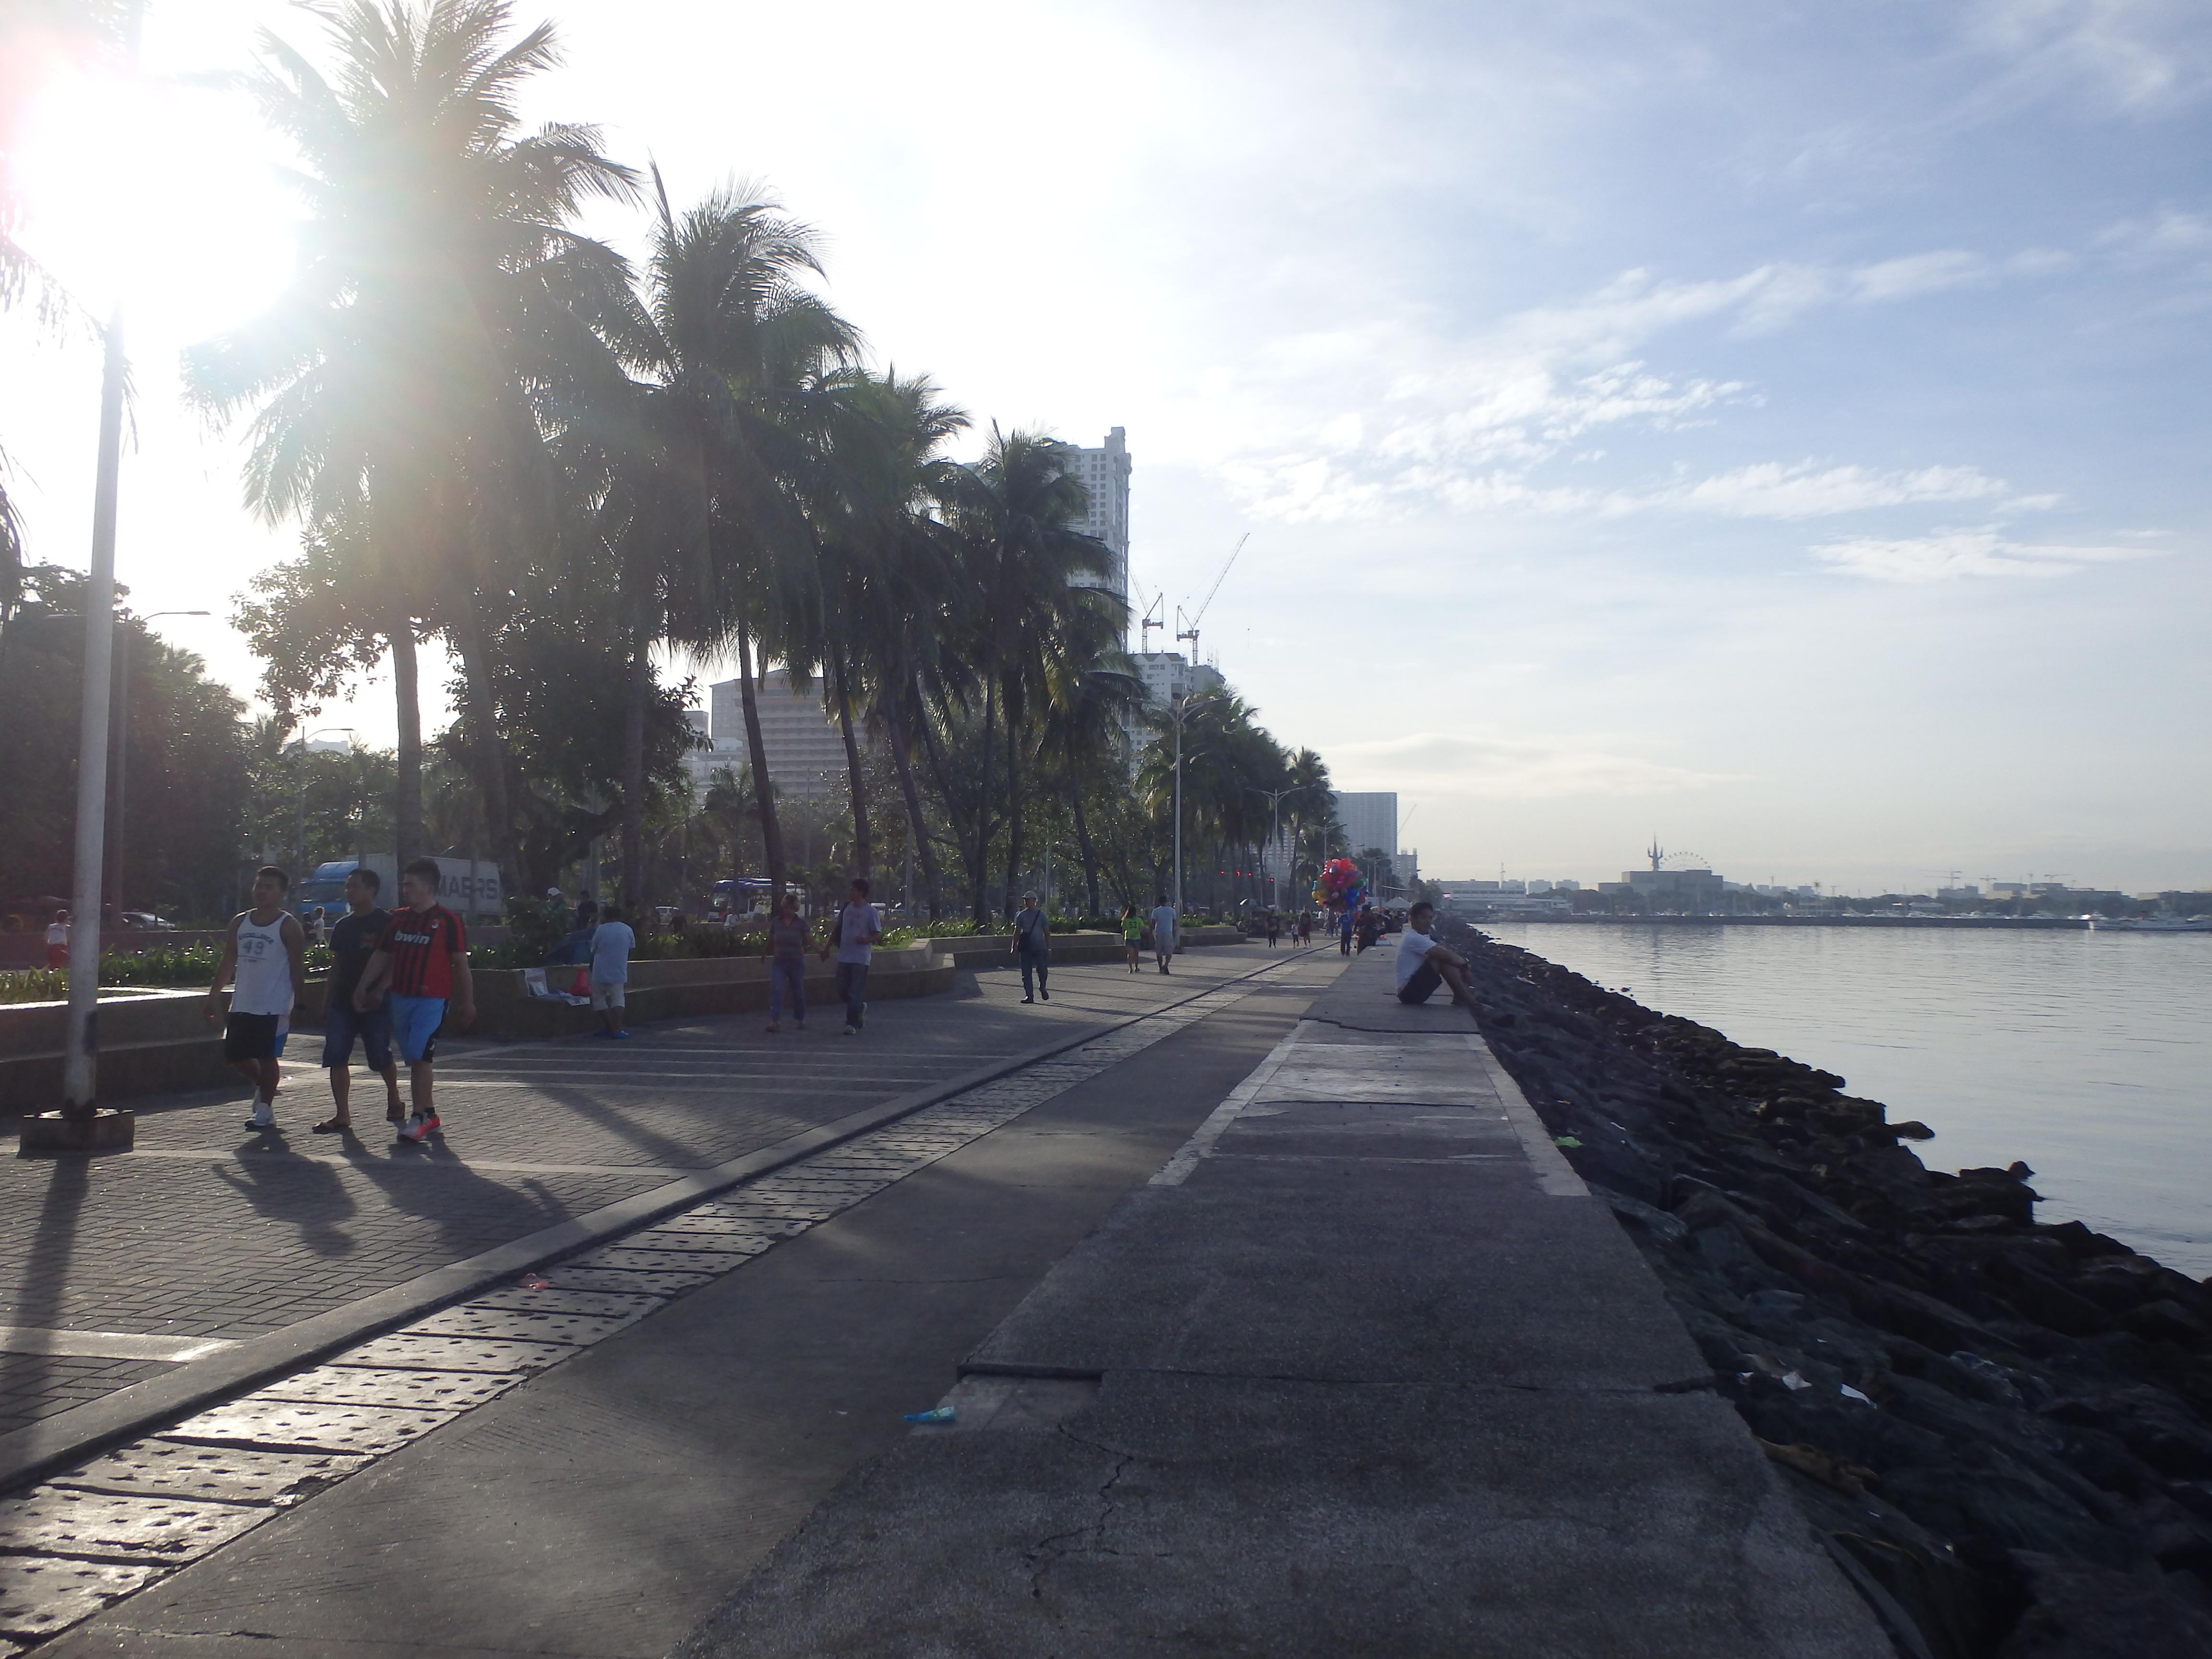 ペドロヒル駅から治安が悪いマラテを通ってマニラ湾岸を散歩する